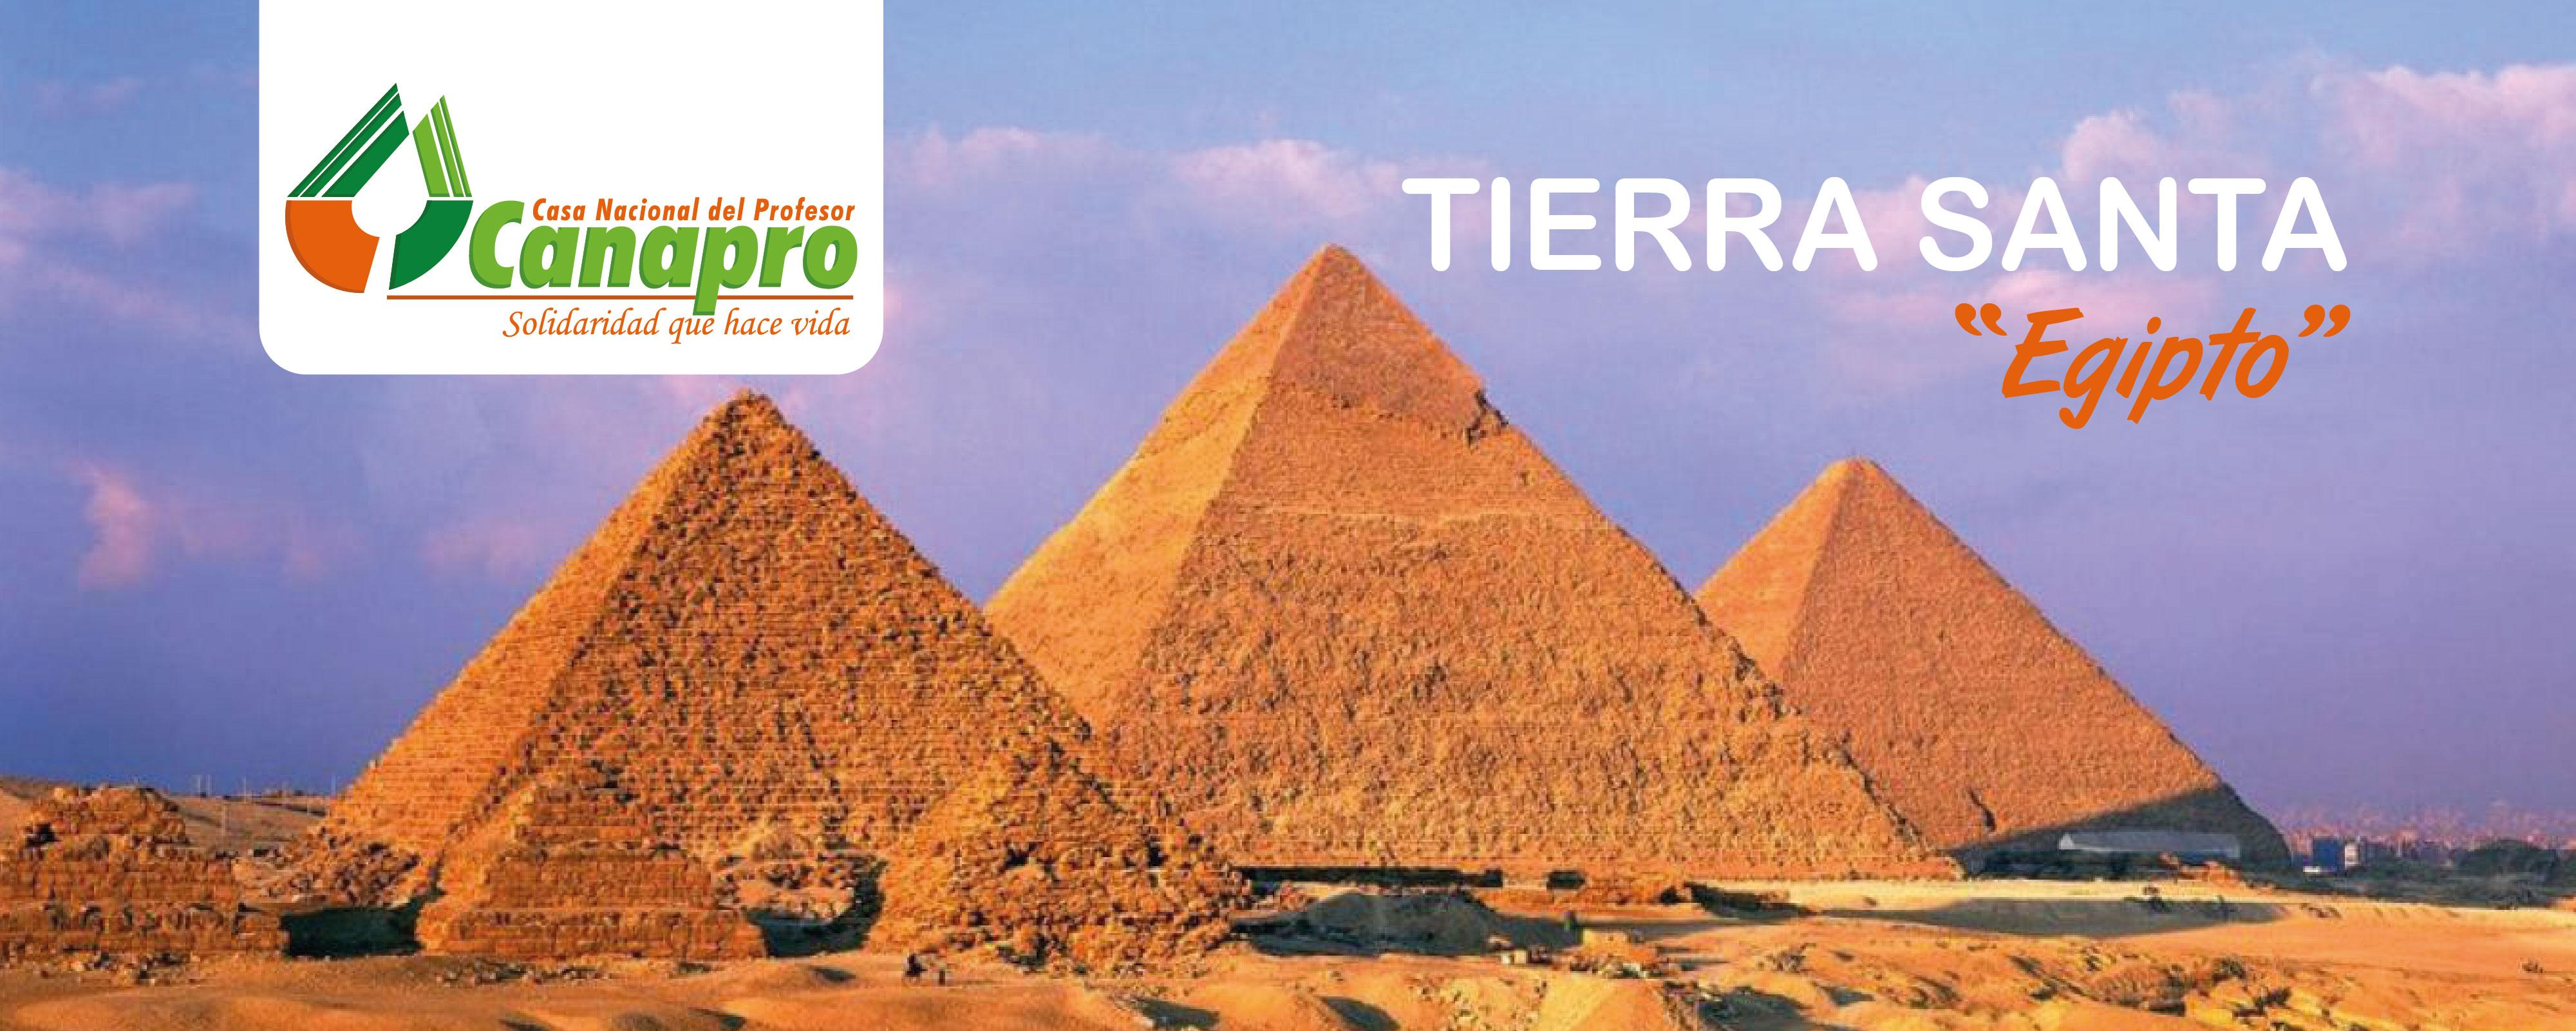 Egipto Pagina-05